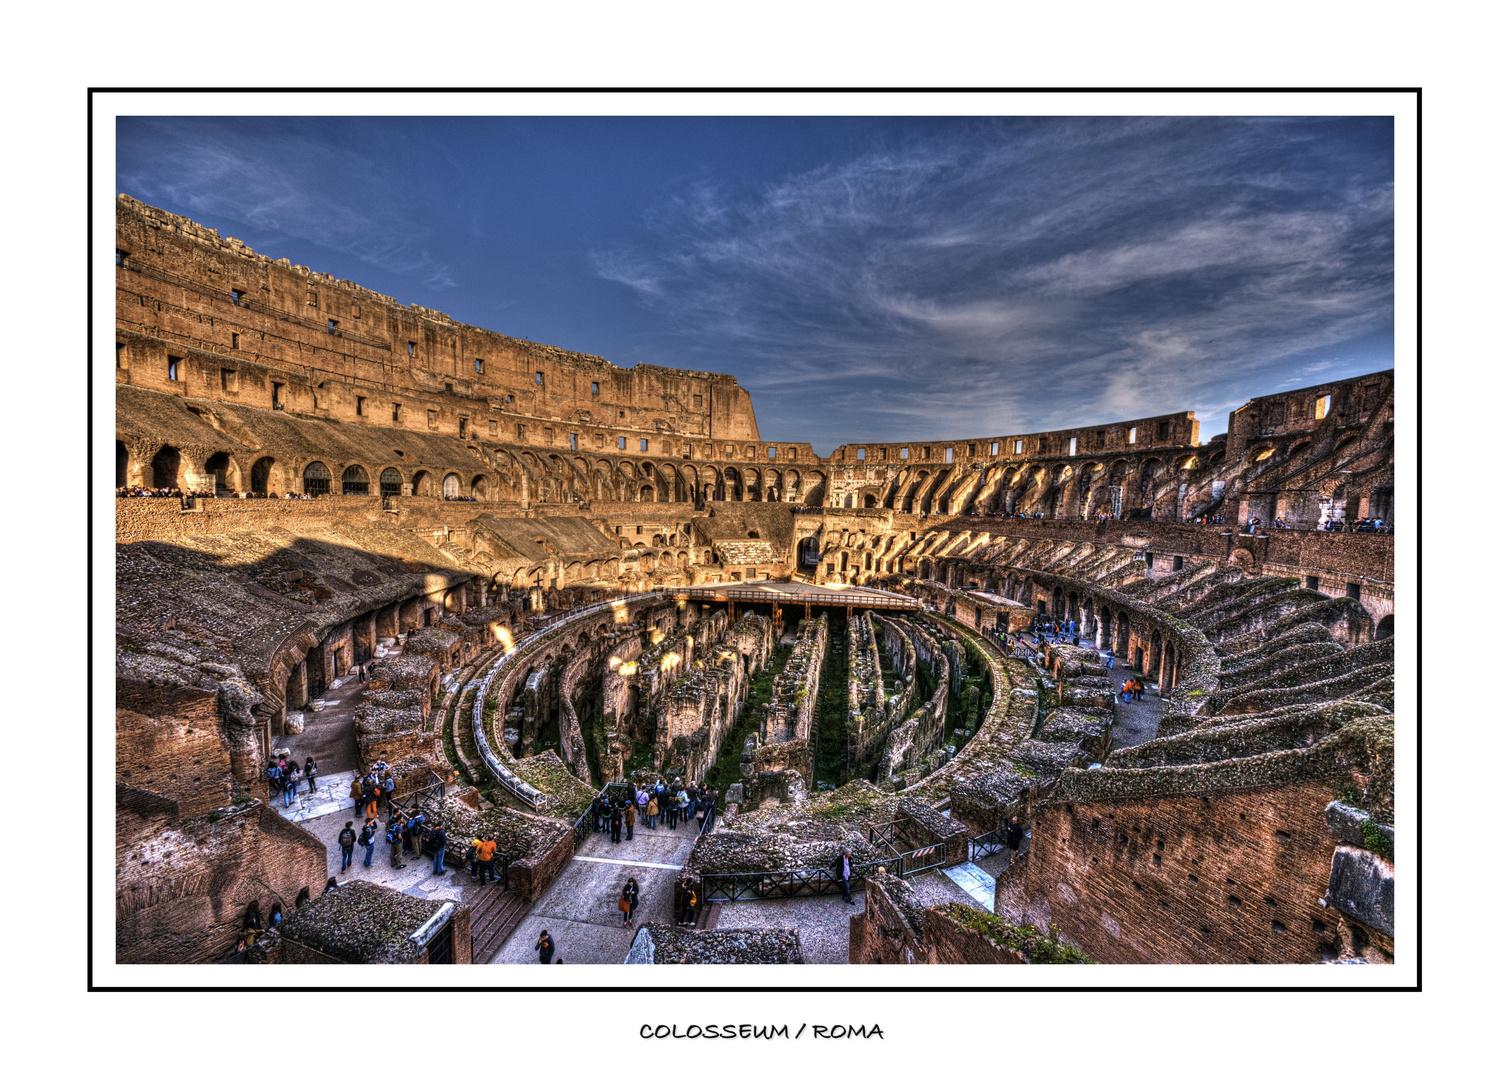 COLESSEUM / ROME